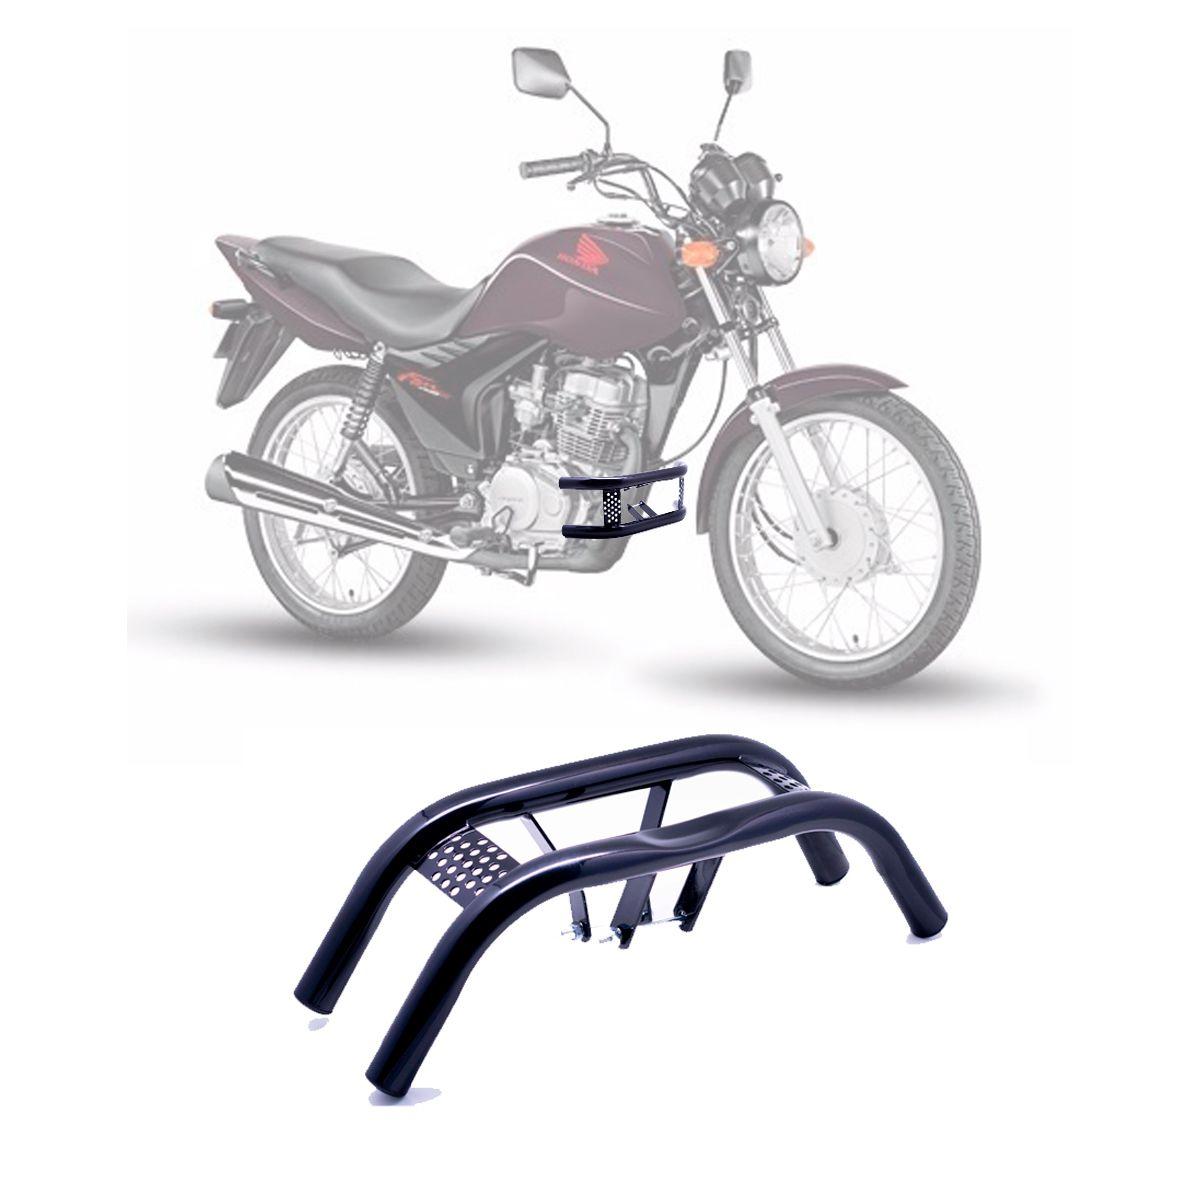 Protetor de Pernas Barra Dupla Honda CG TITAN FAN 125 / 150 2009 à 2013 - Preto - Pro Tork